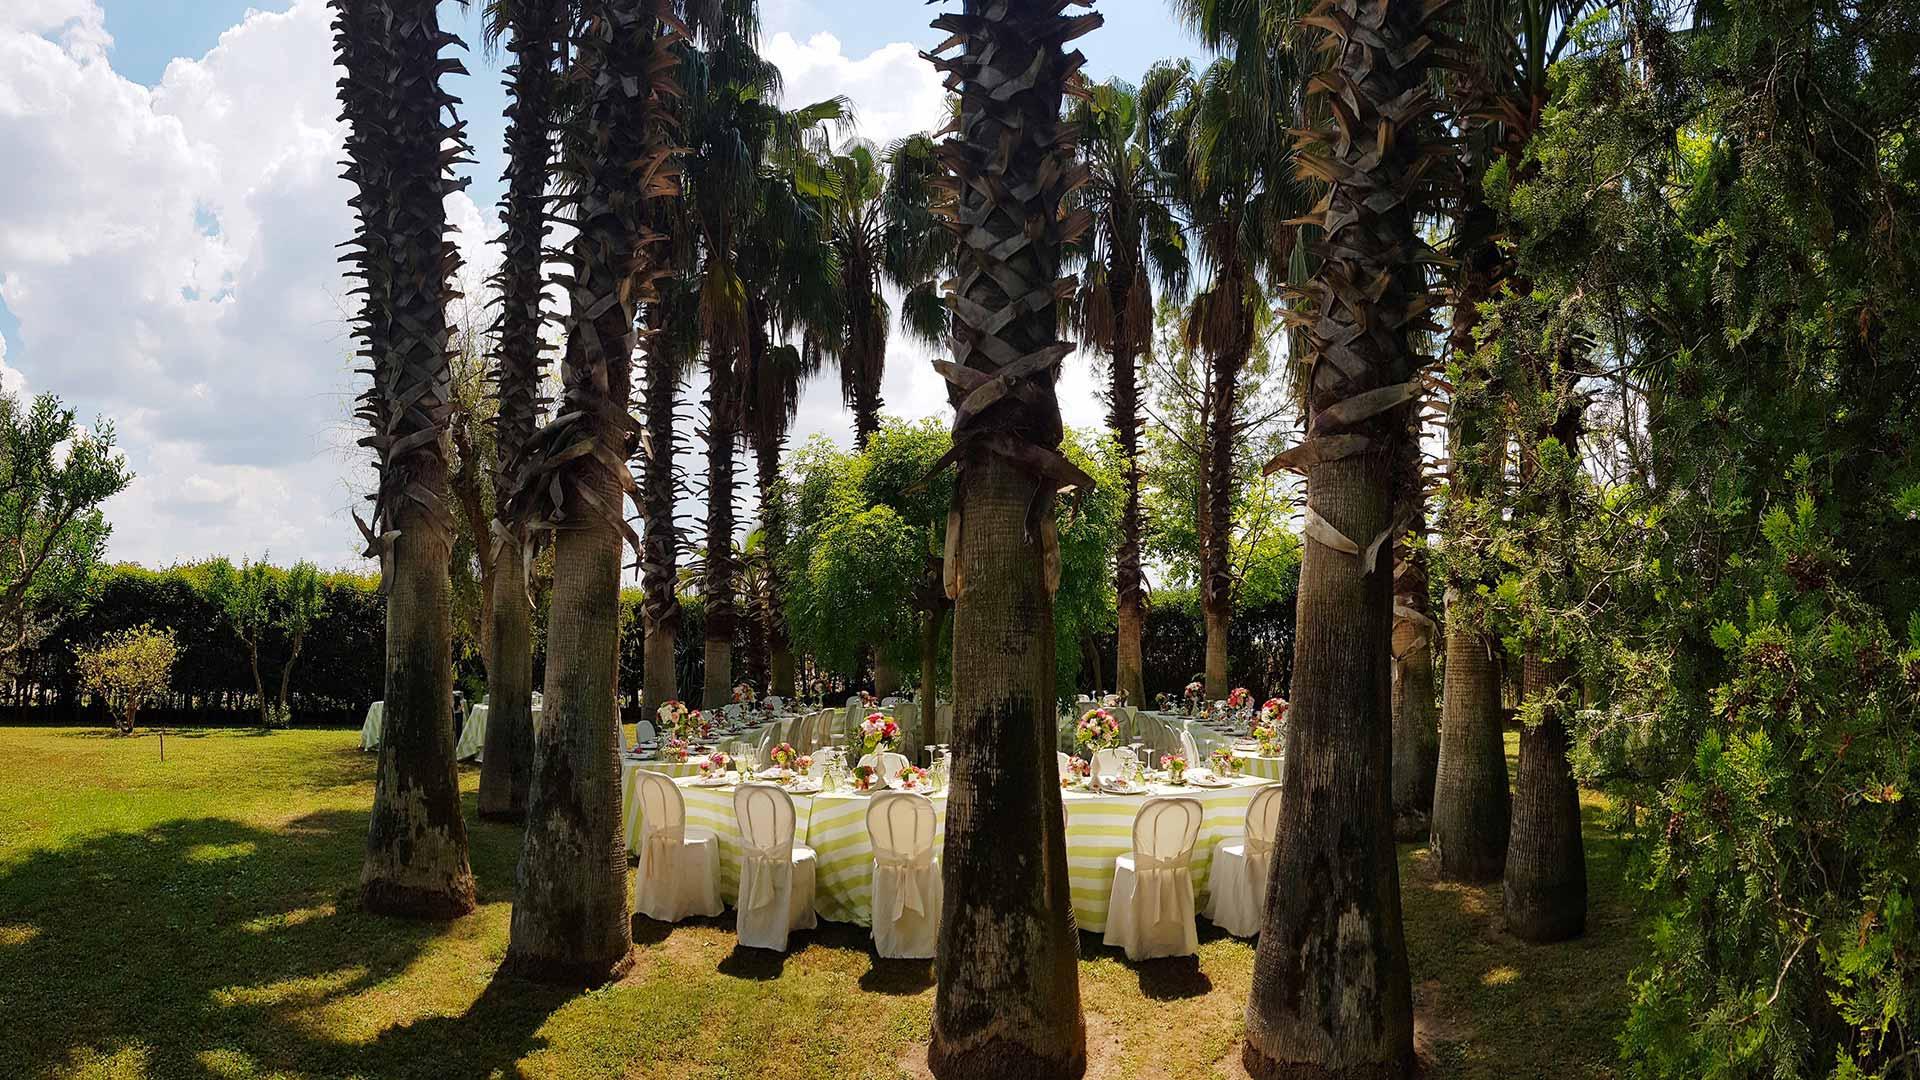 locale per feste tra gli alberi